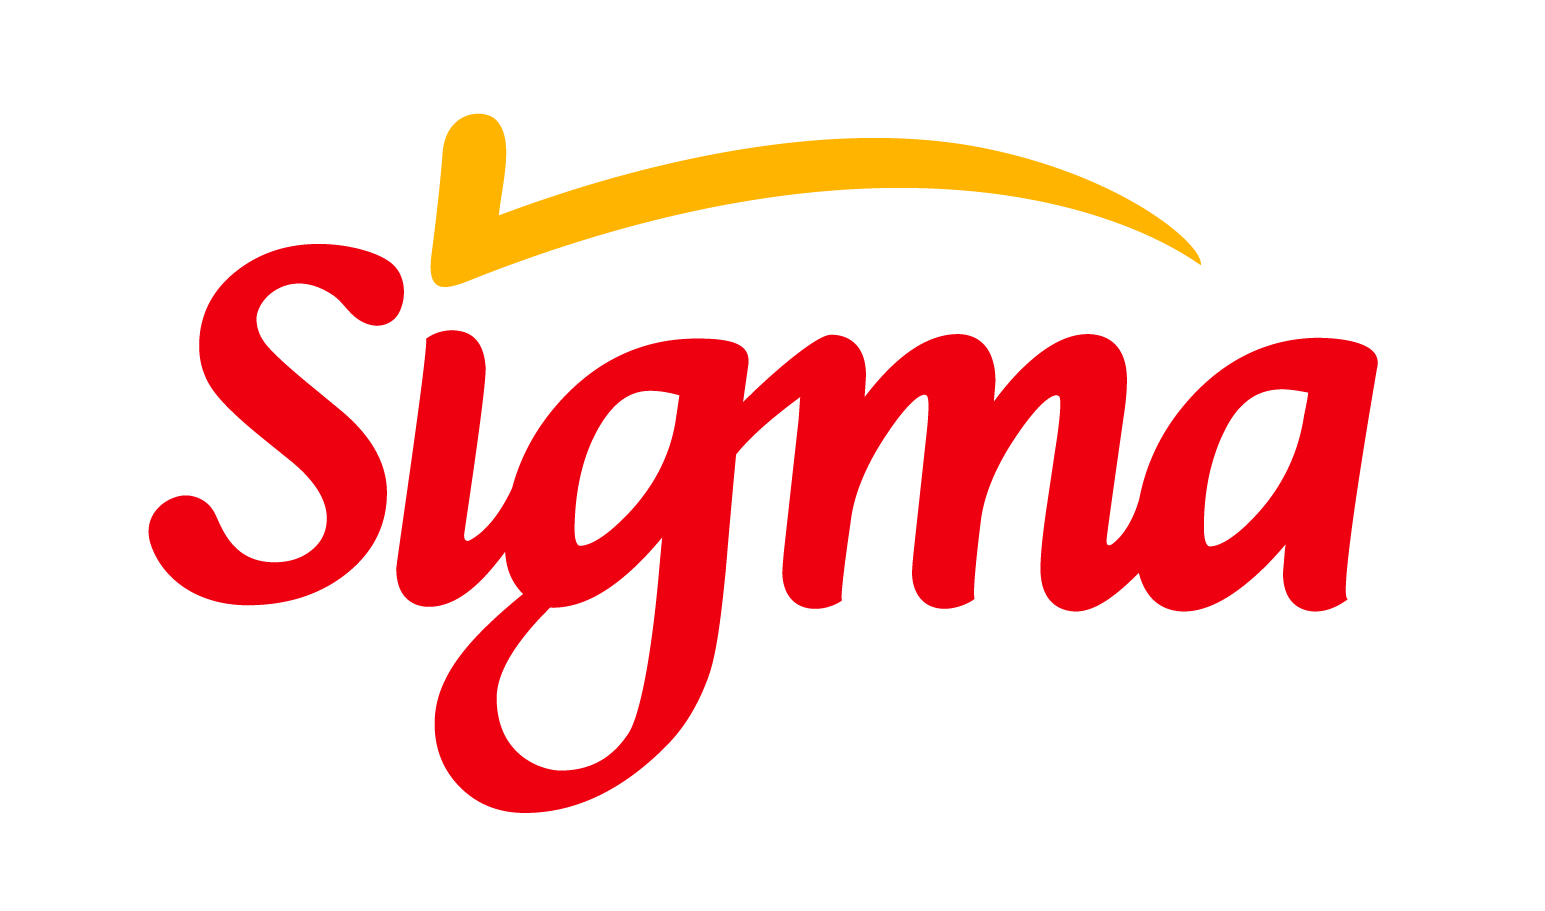 Sigma Global-01.jpg